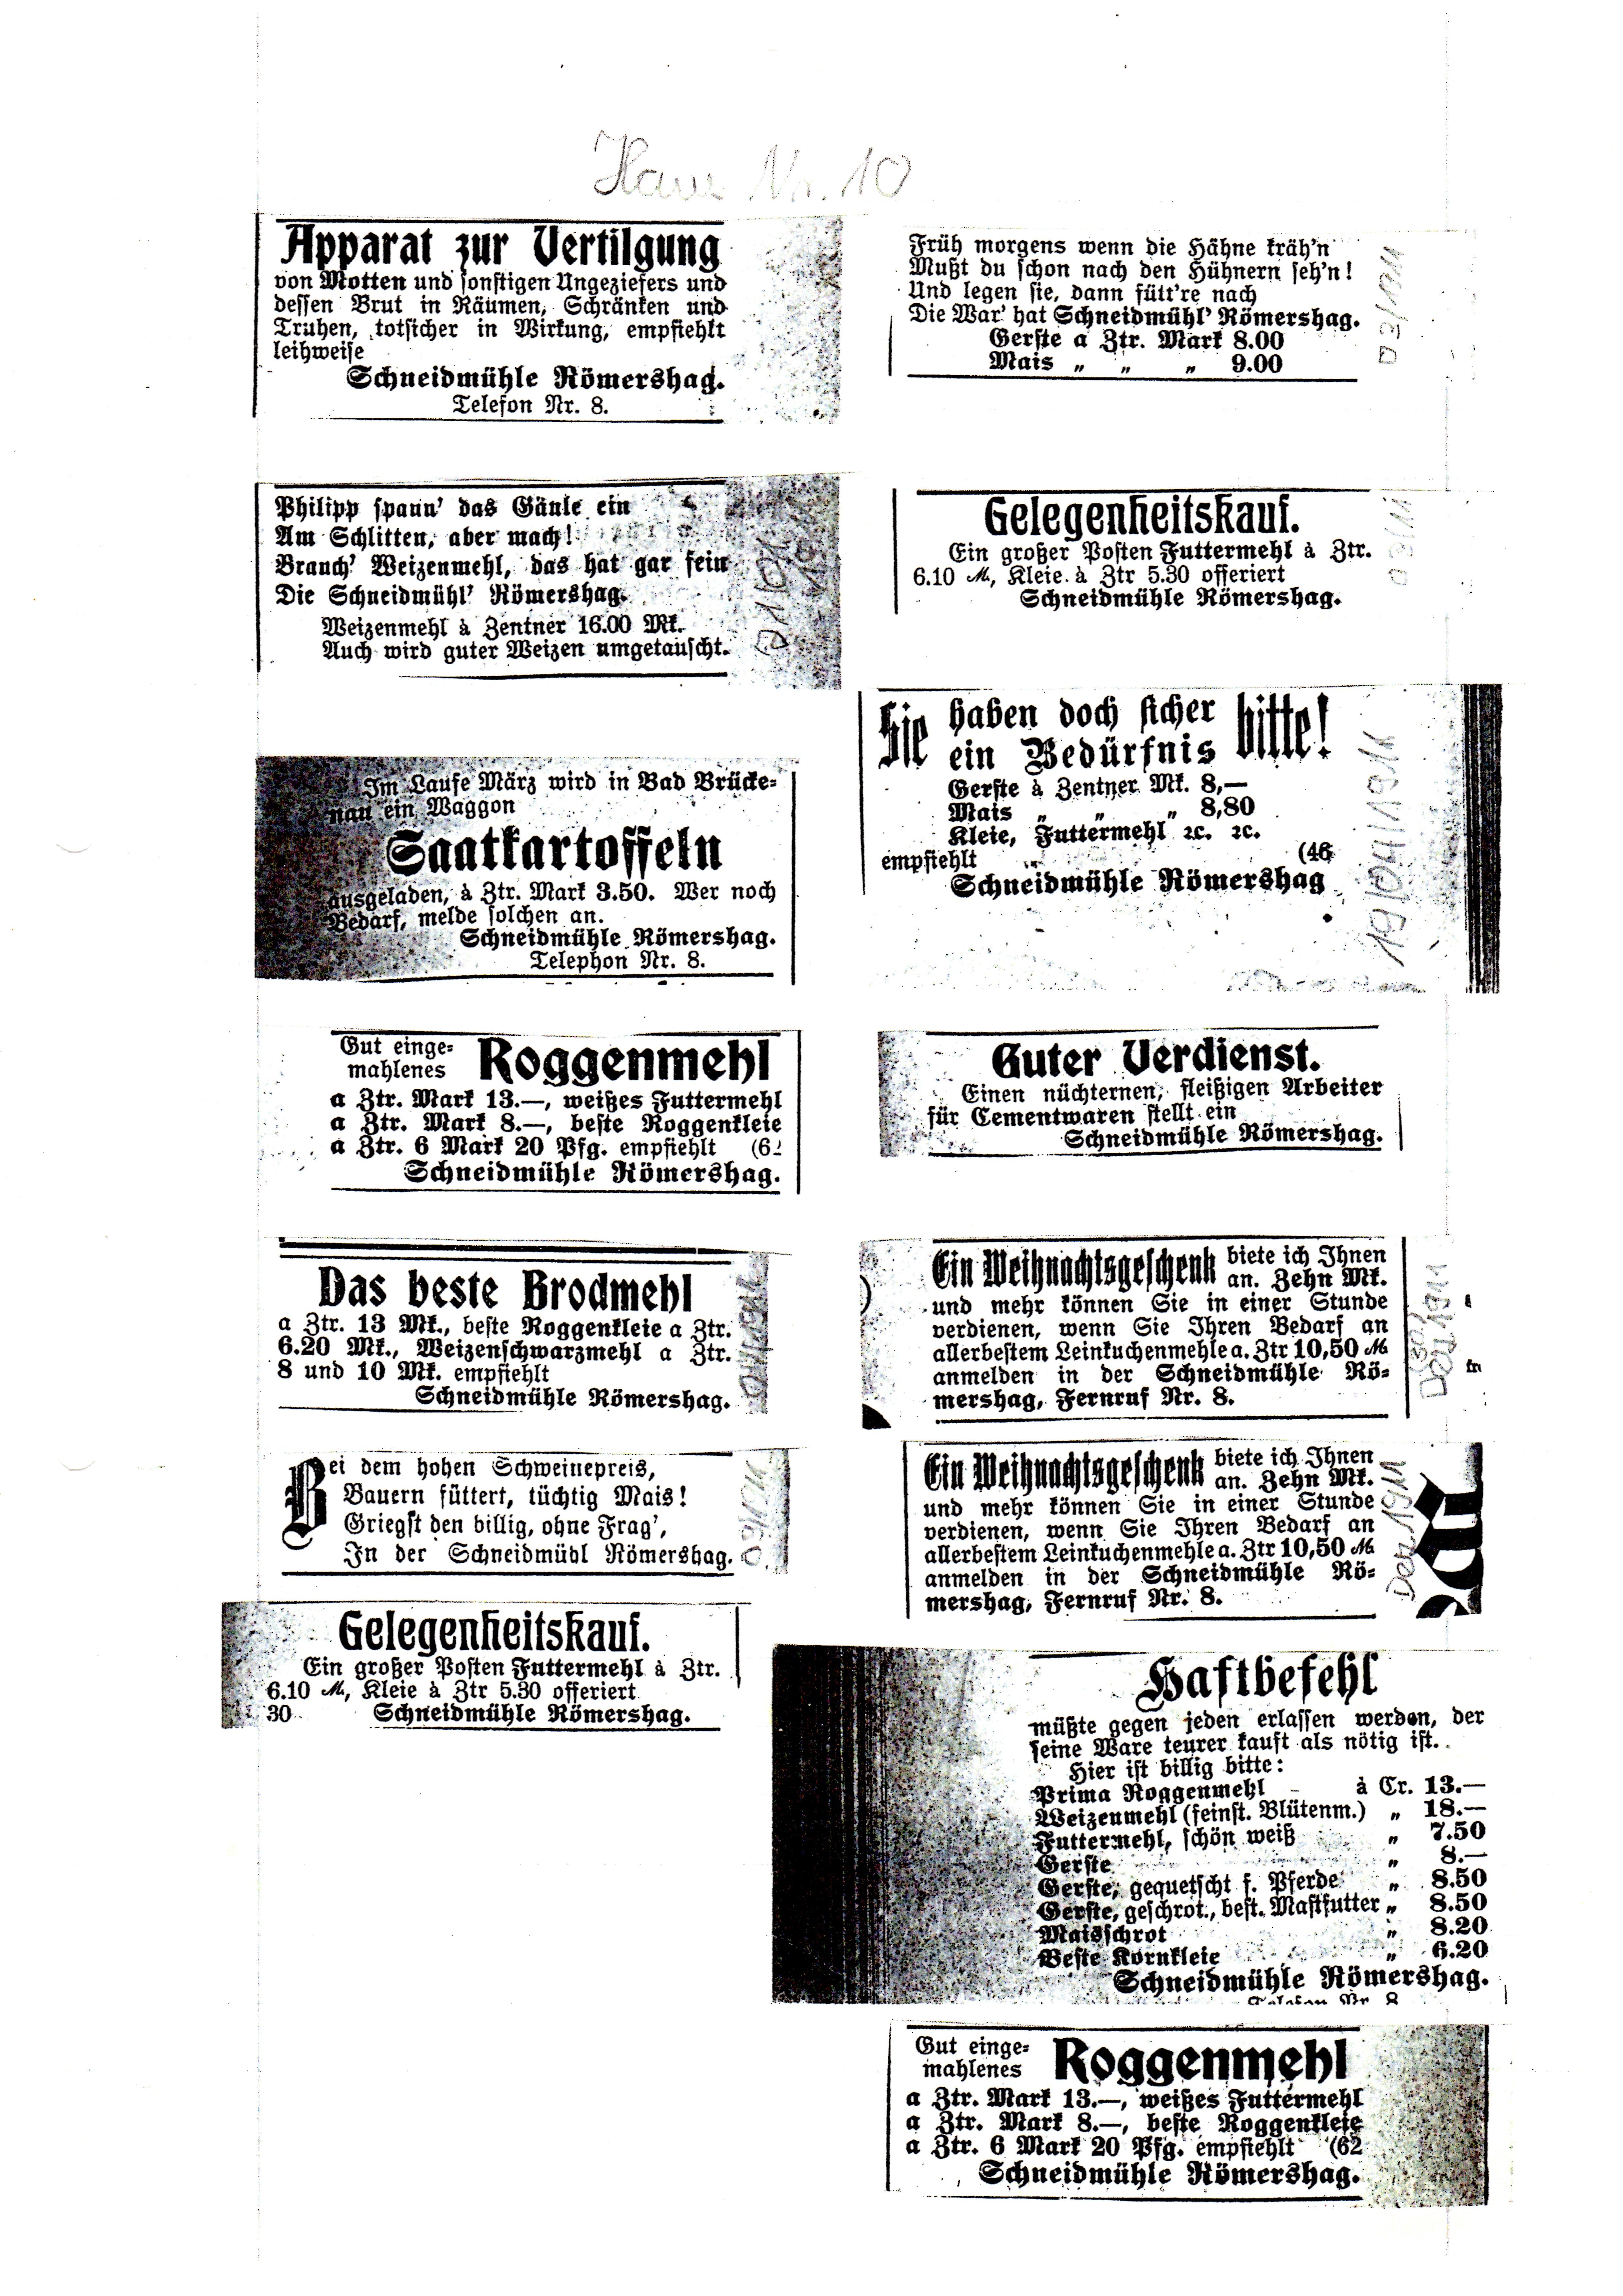 Zeitungsinserate zur Werbung